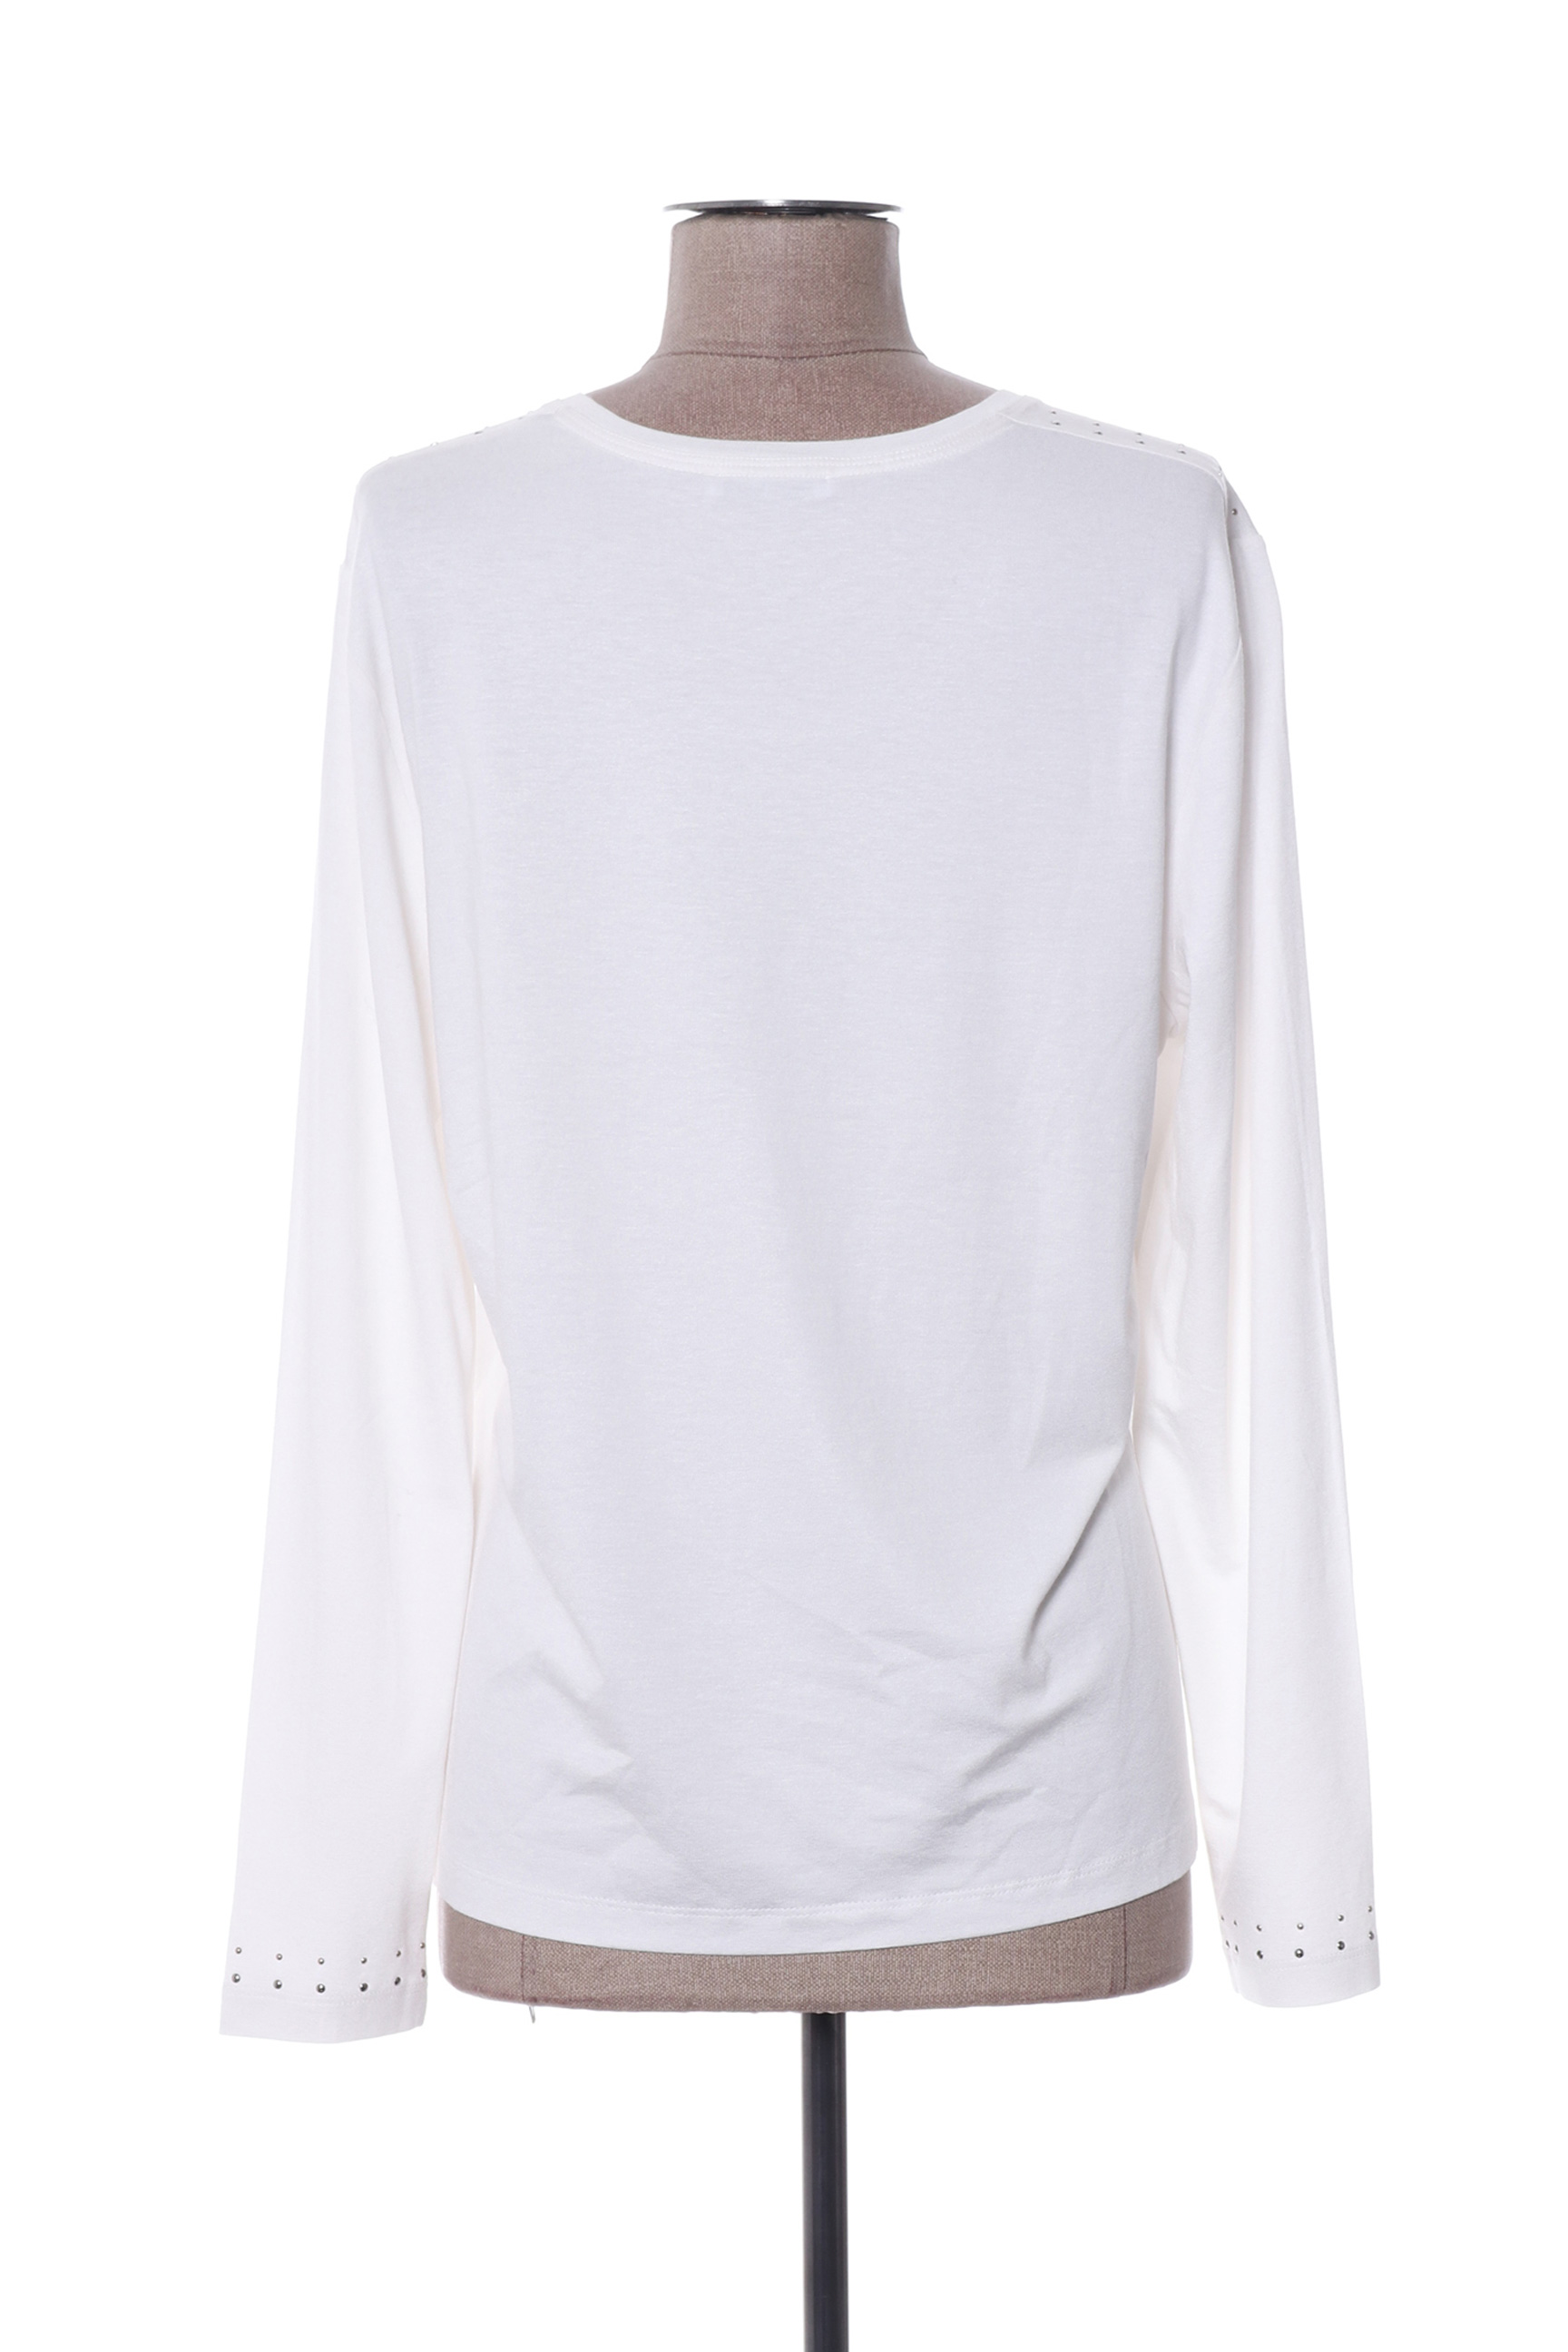 Lucia Manches Longues 1 Femme De Couleur Blanc En Soldes Pas Cher 1386022-blanc0